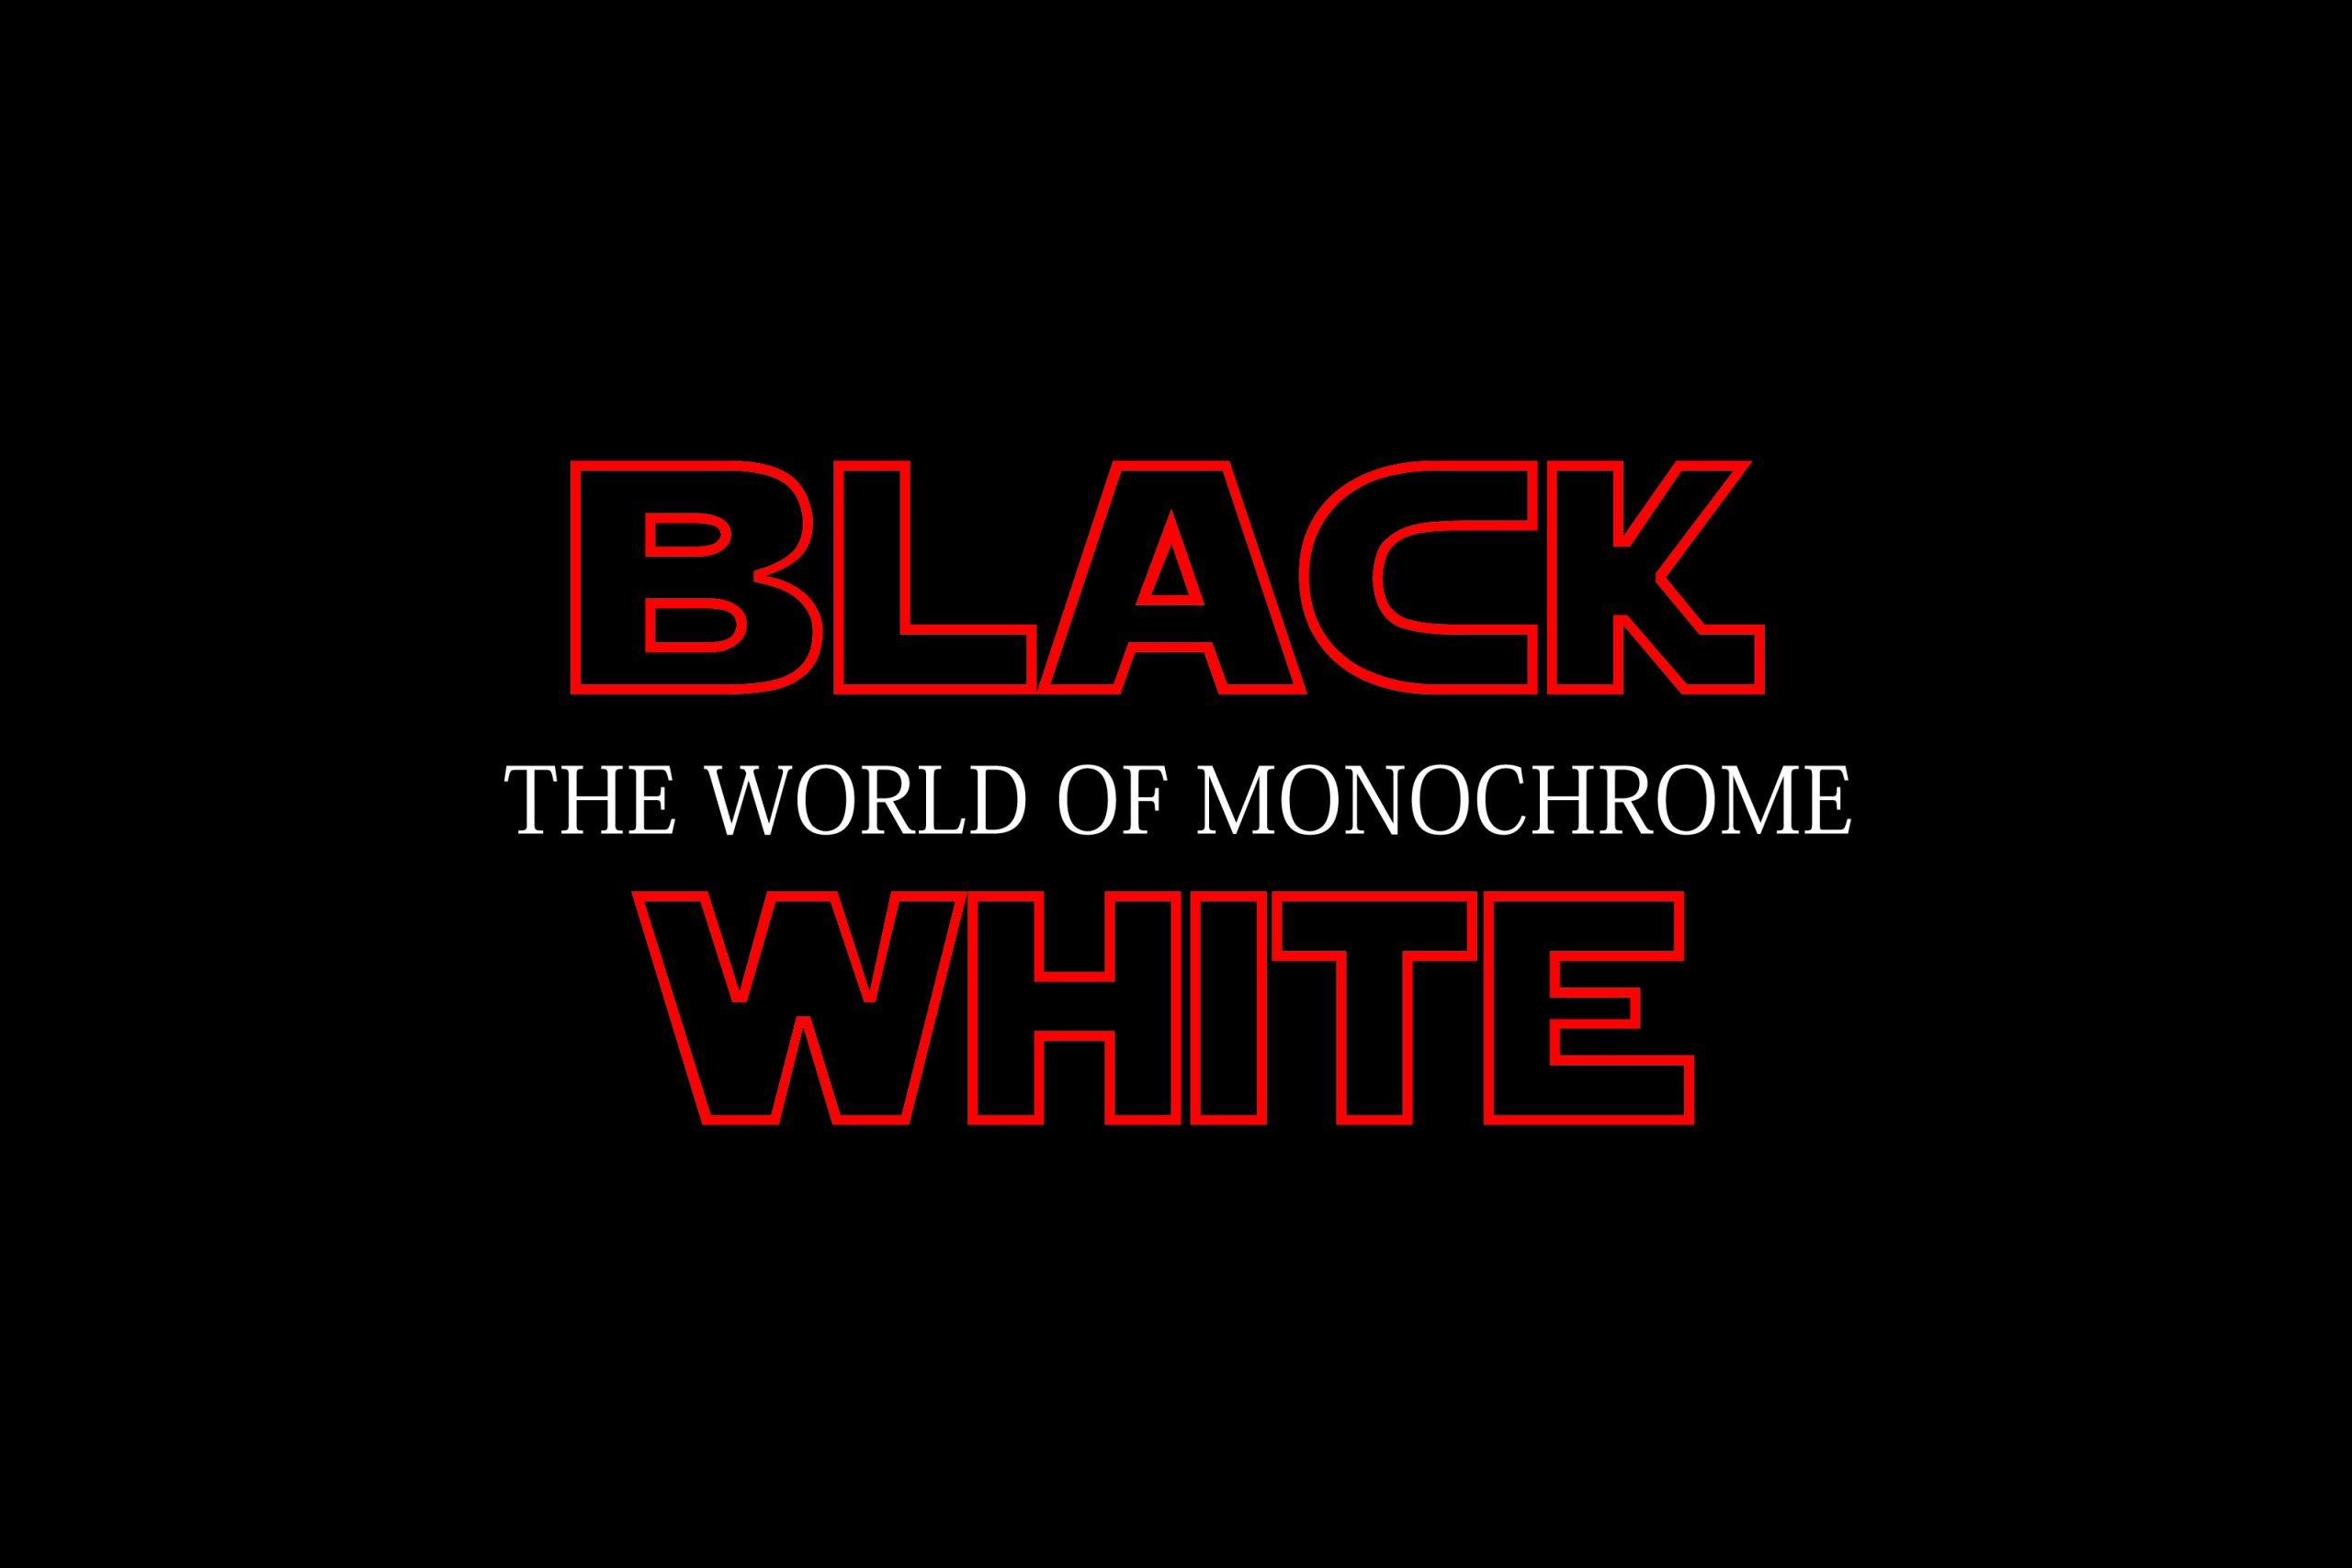 【Leica】The World of Monochrome Episode VI